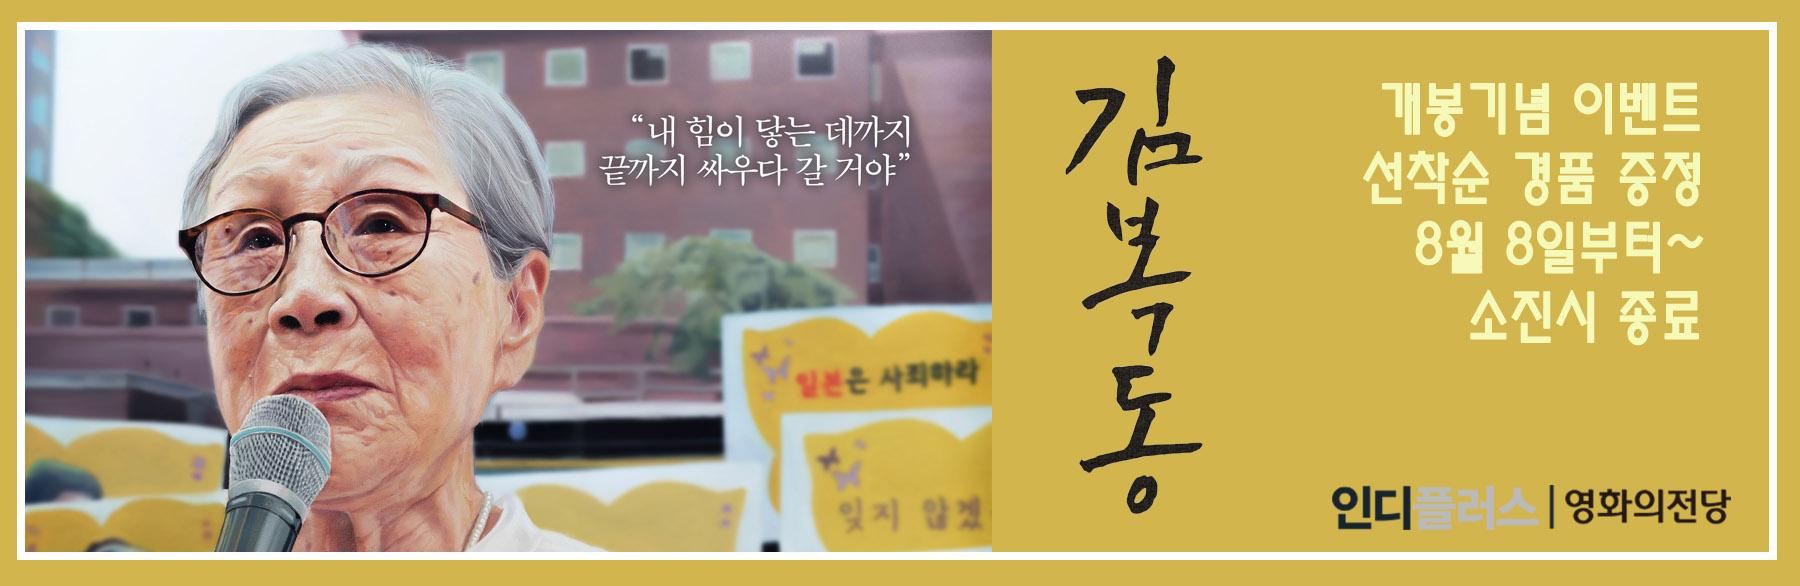 개봉기념 이벤트 선착순 경품 증정 8월 8일부터 소진시 종료 김복동